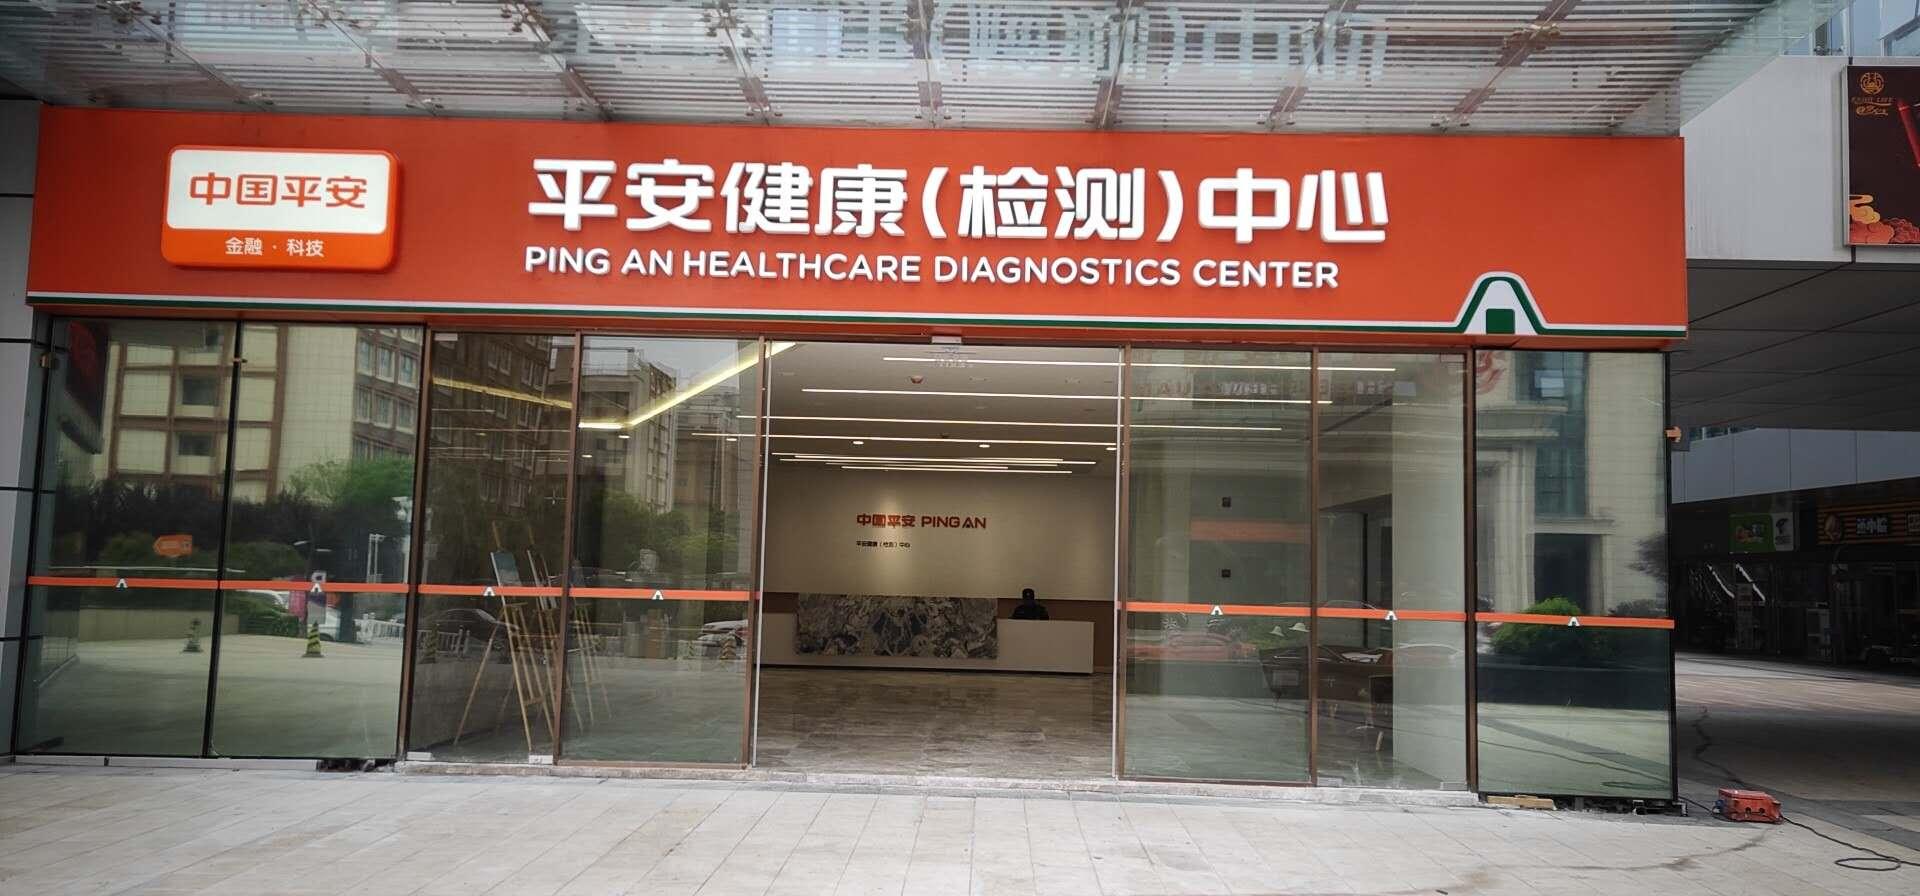 平安健康检测中心